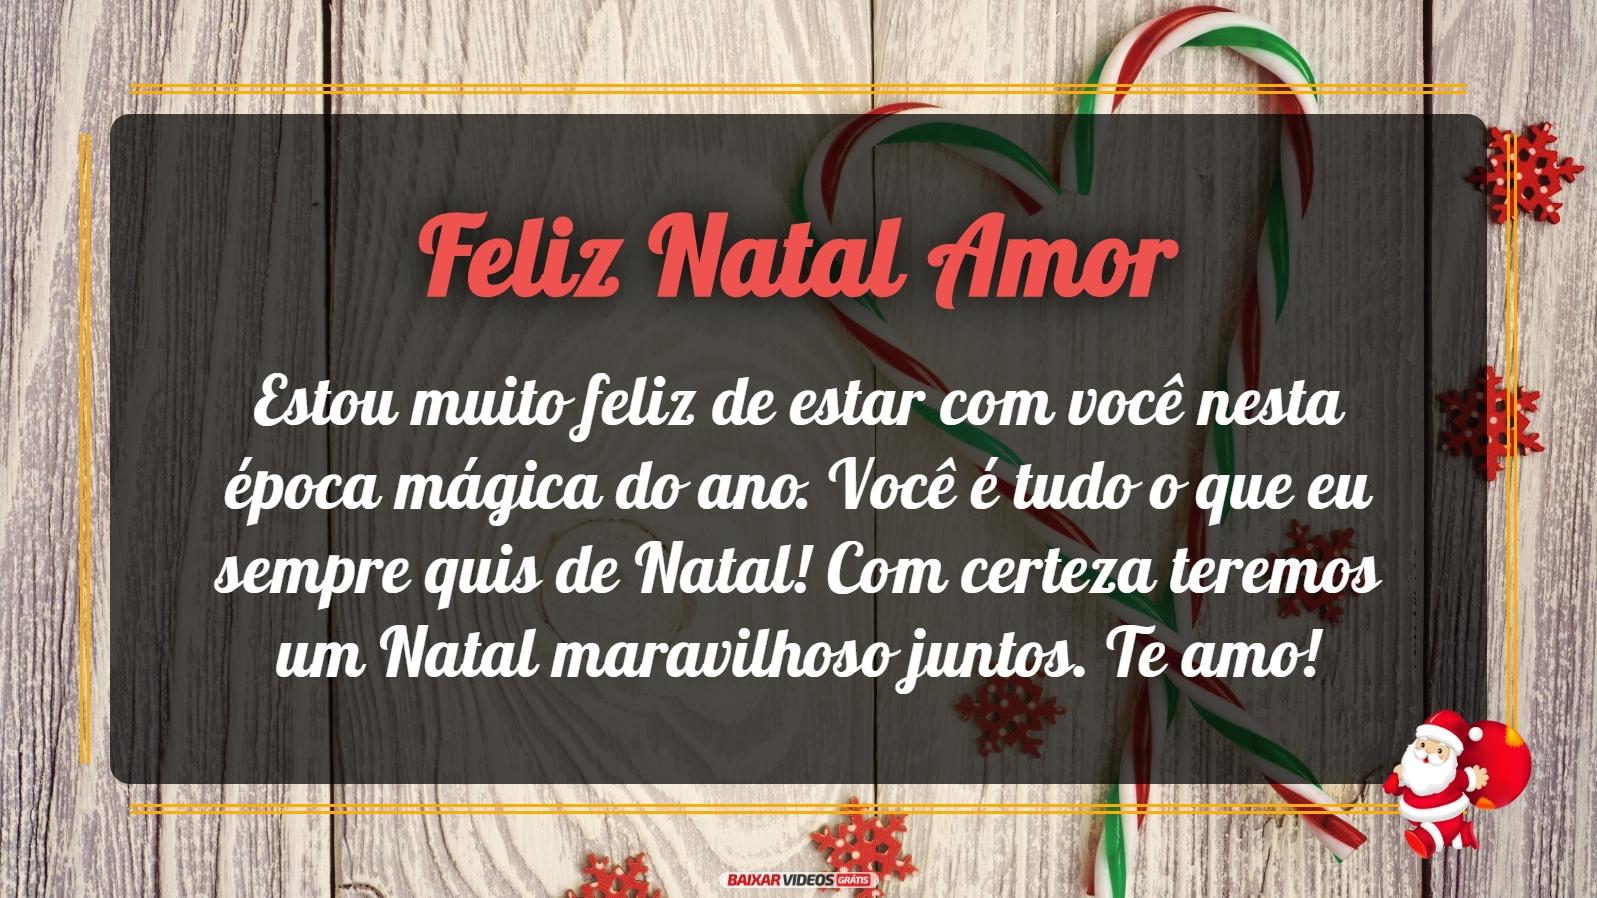 Mensagem Natal Maravilhoso Juntos Mensagem De Natal Para